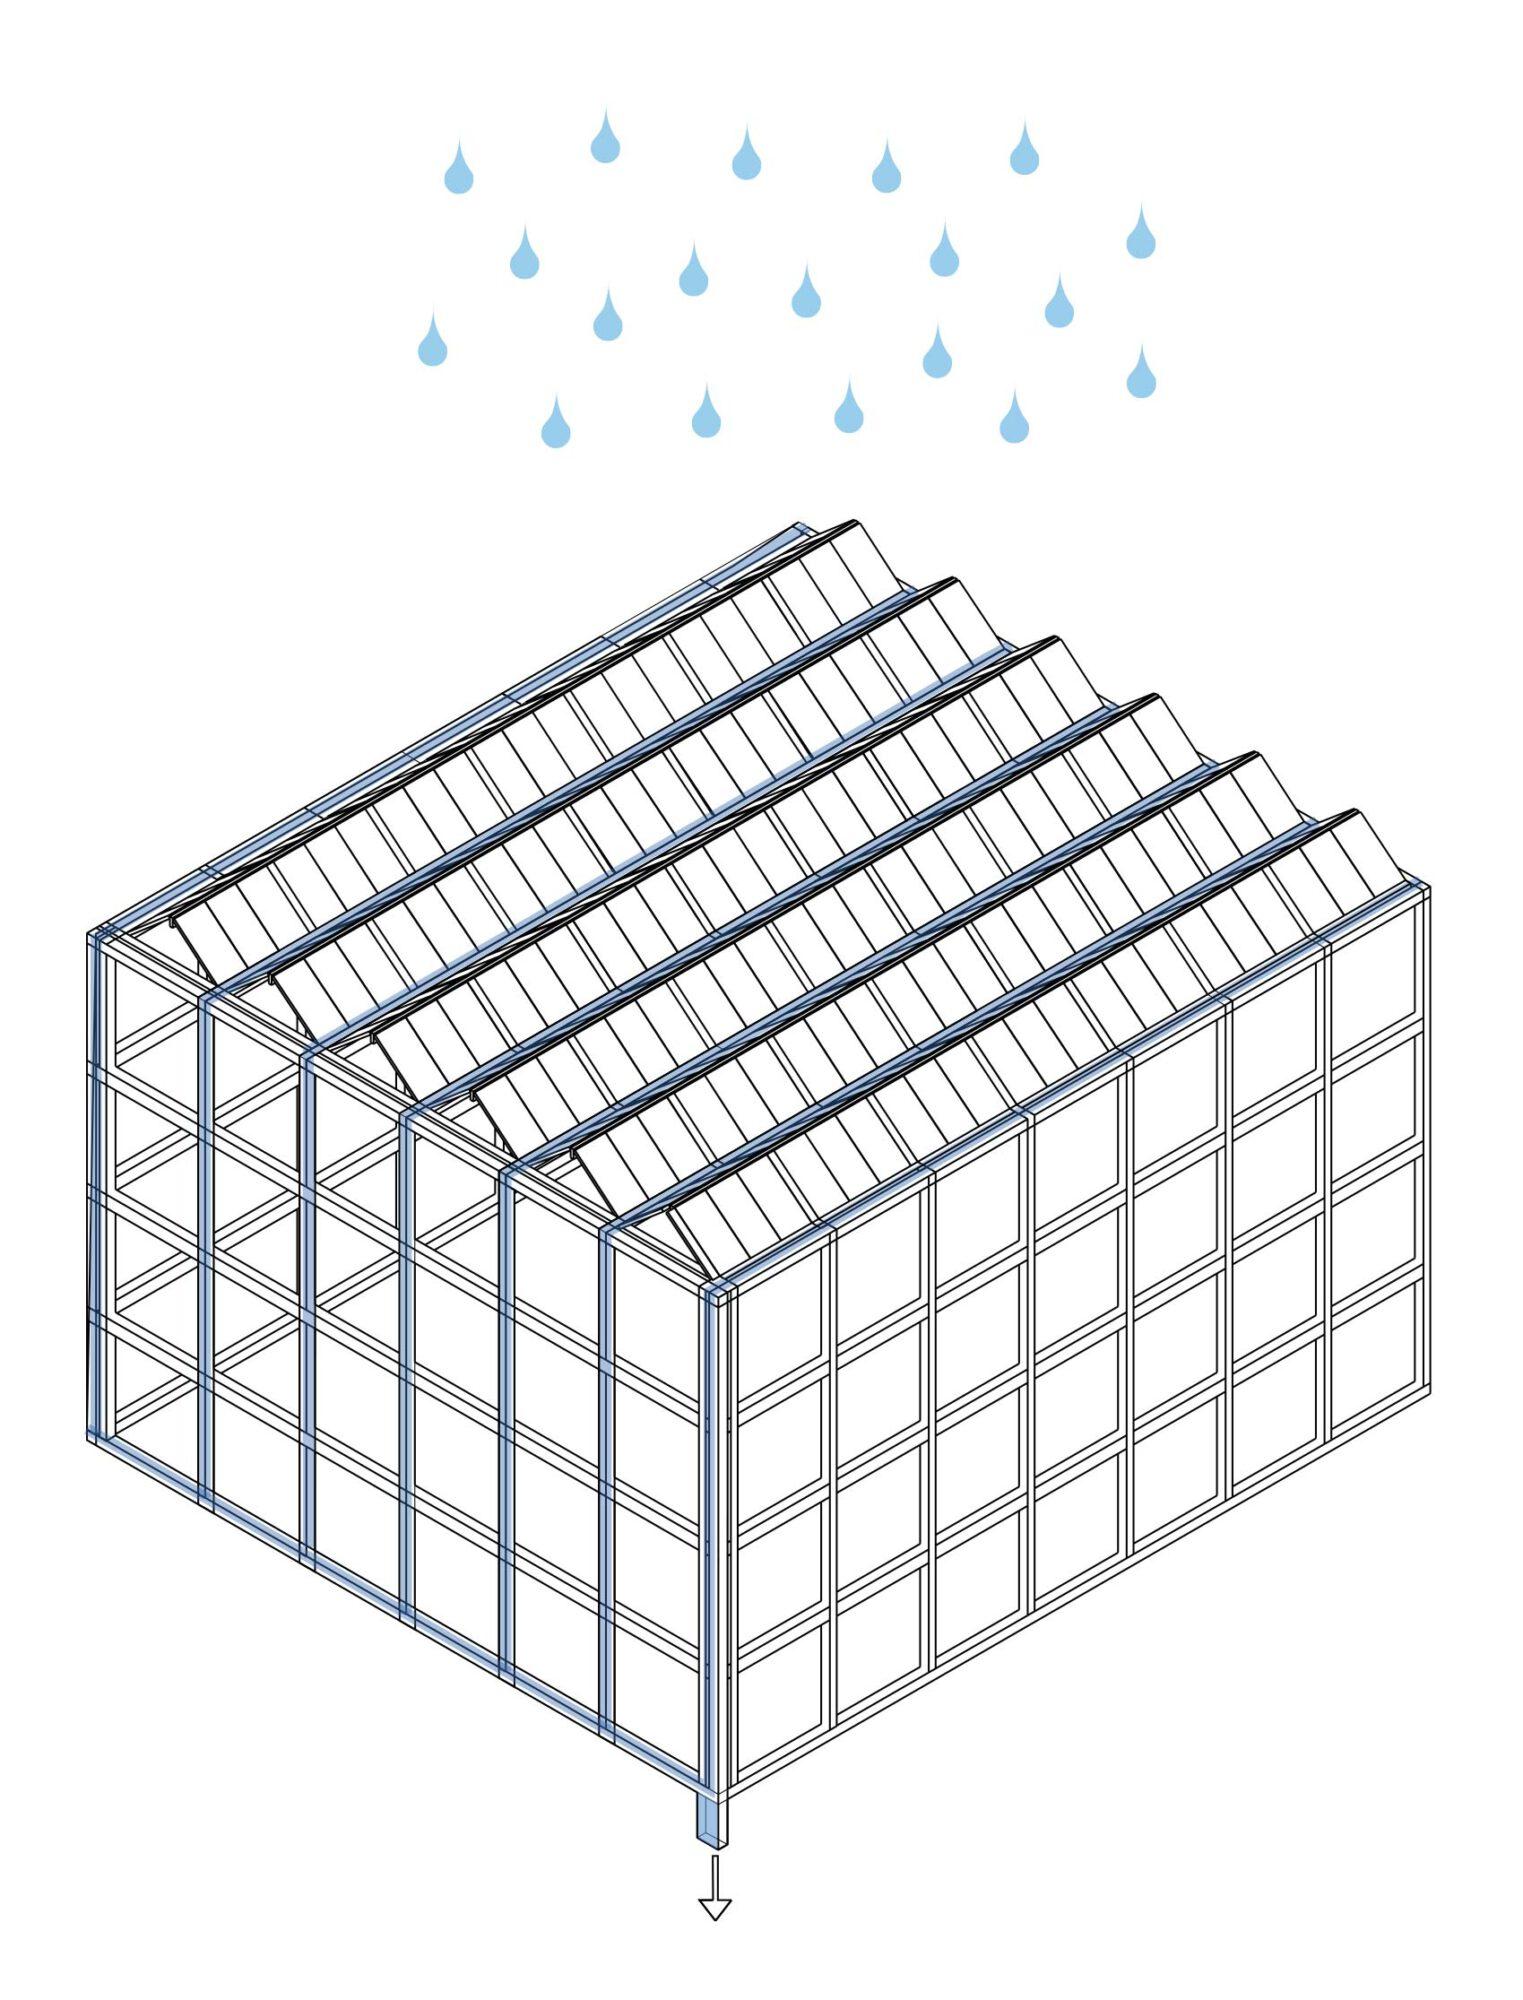 Zeichnung, wie das Dach das Regenwasser auffängt und abfließen lässt.